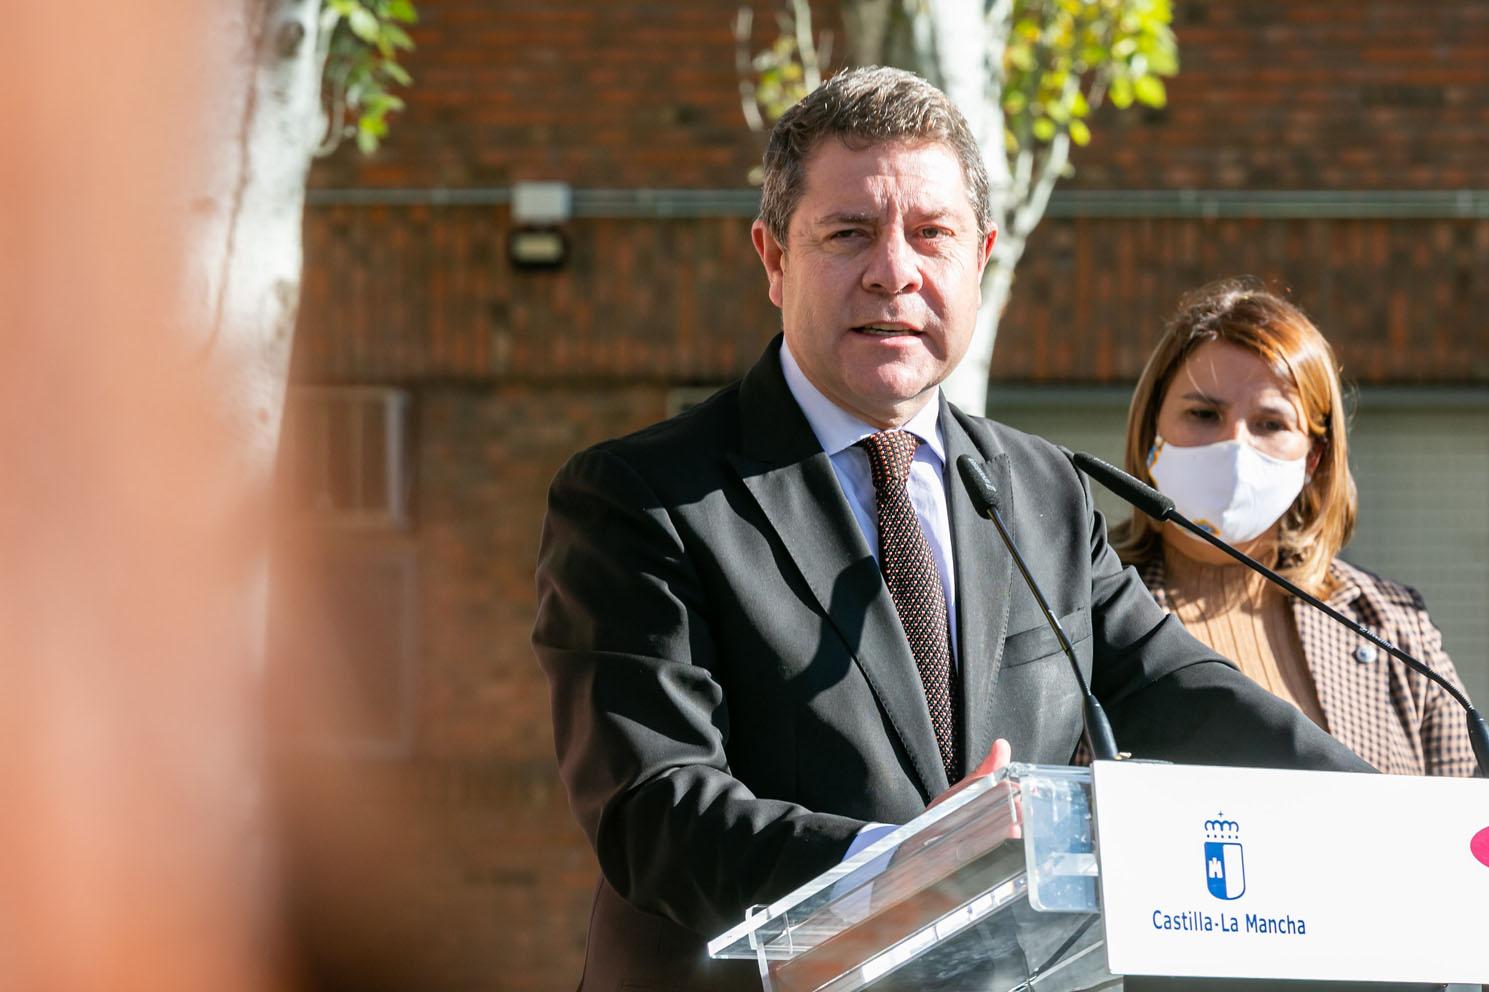 navidad El presidente de Castilla-La Mancha, Emiliano García-Page.